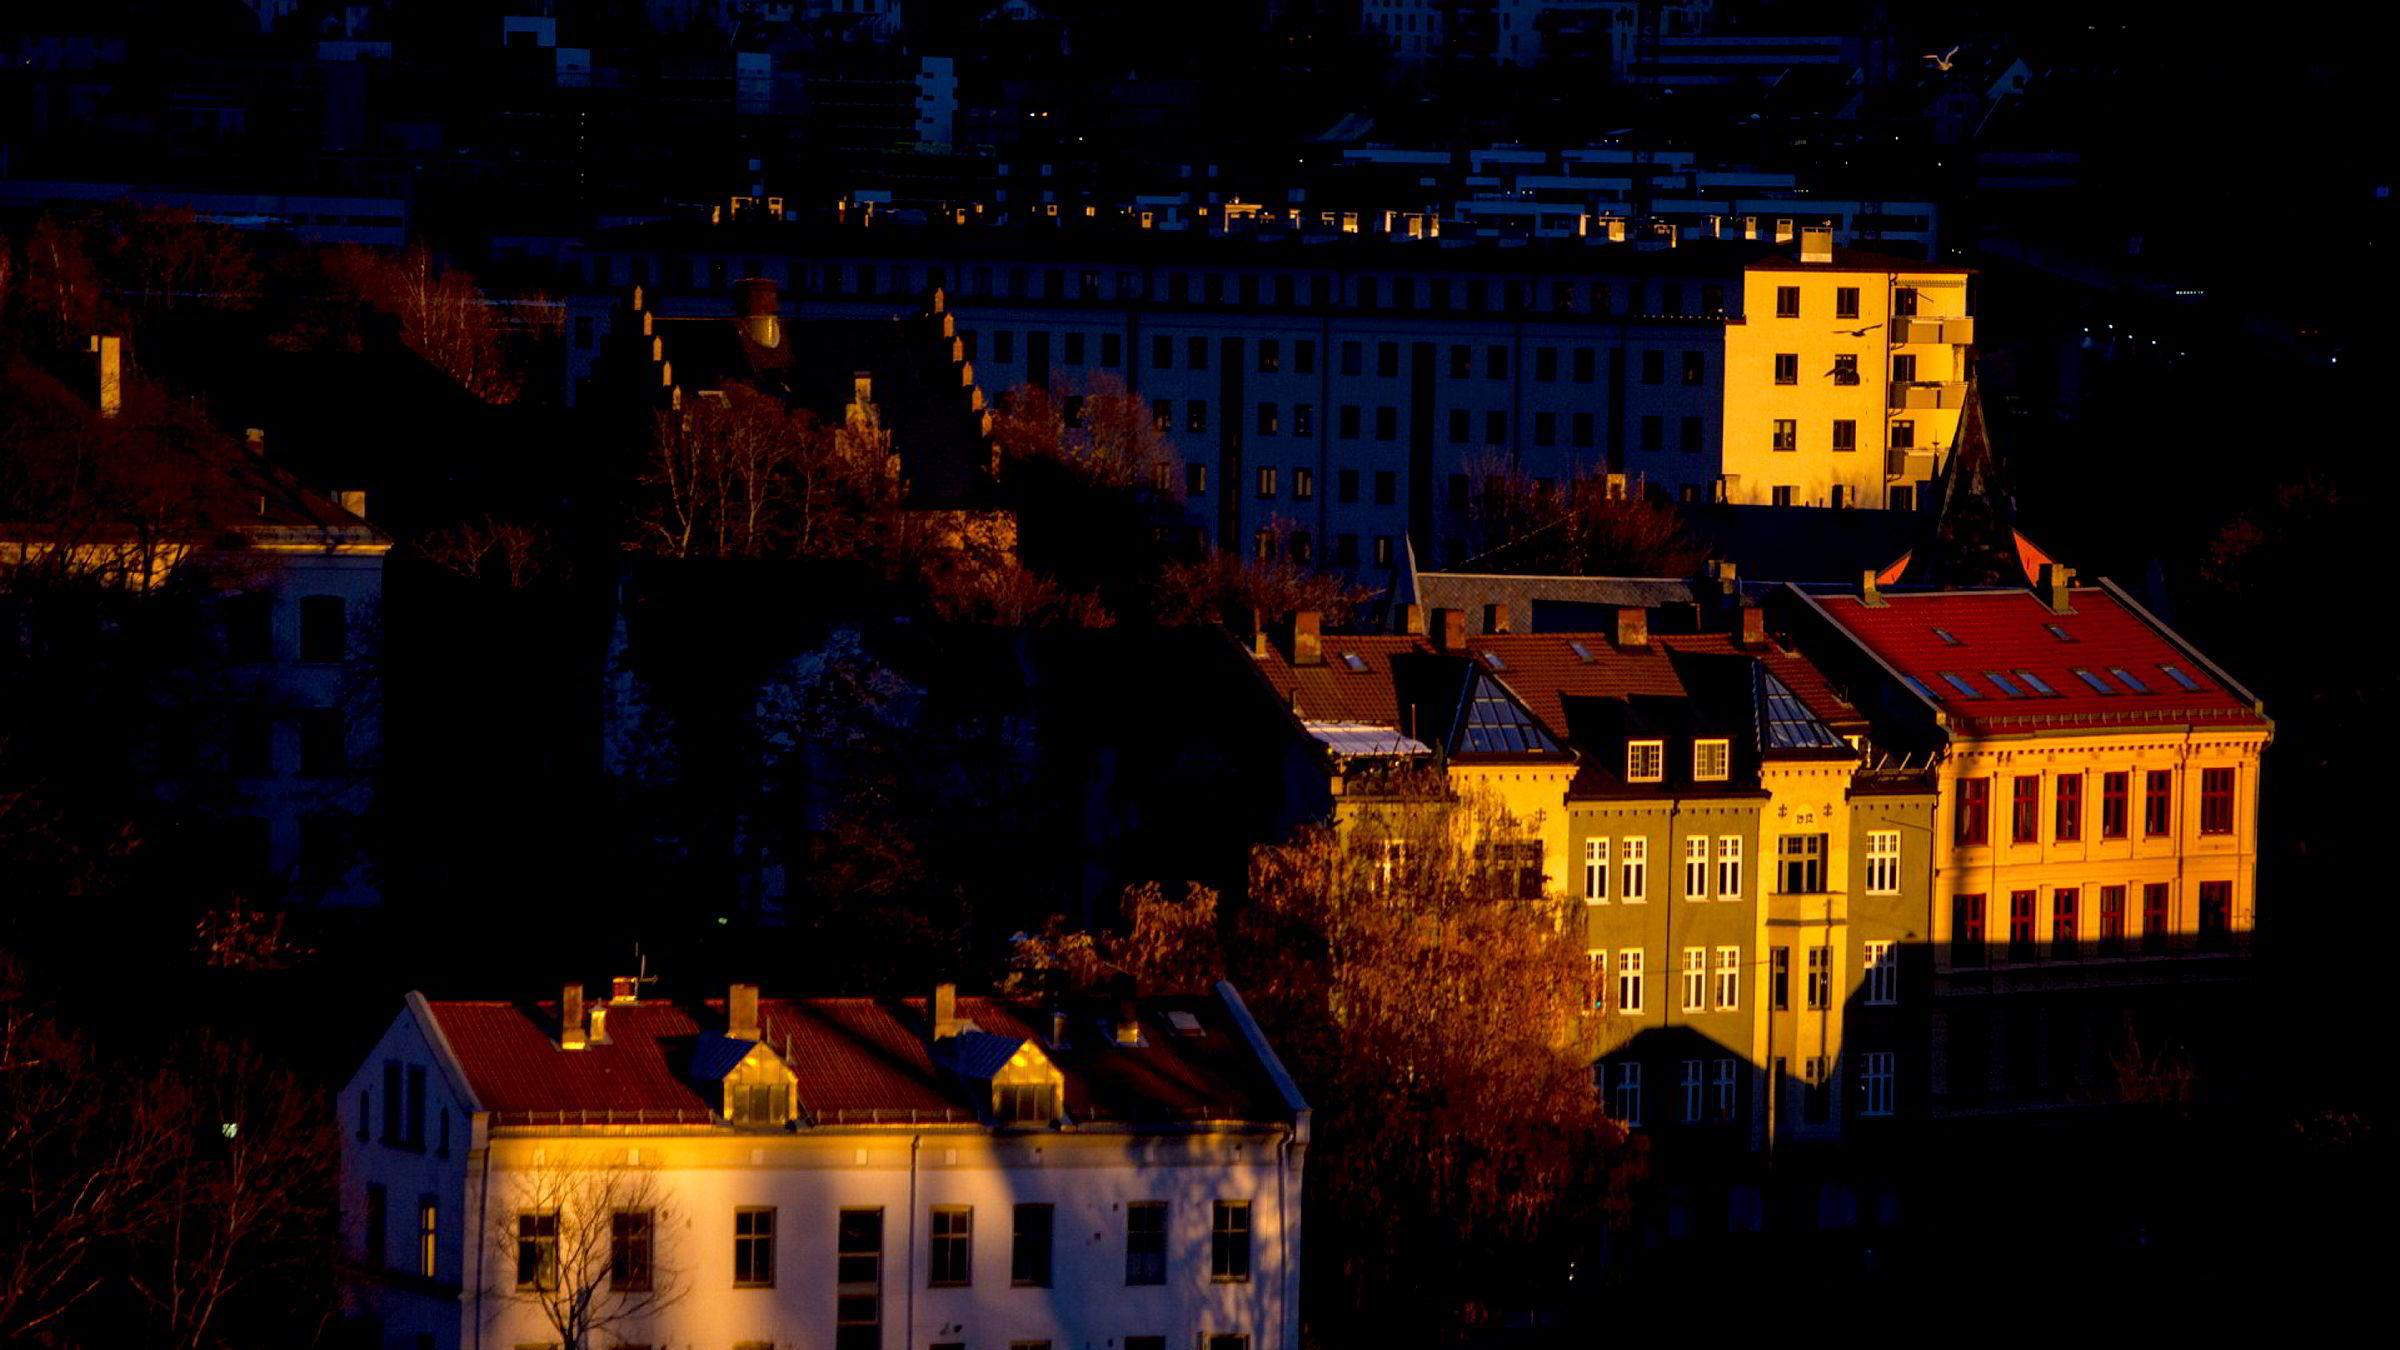 Nordmenn setter eiendom høyt, så høyt at boligprisene på ti år har vokst dobbelt så mye som lønnsøkningene, skriver artikkelforfatteren.